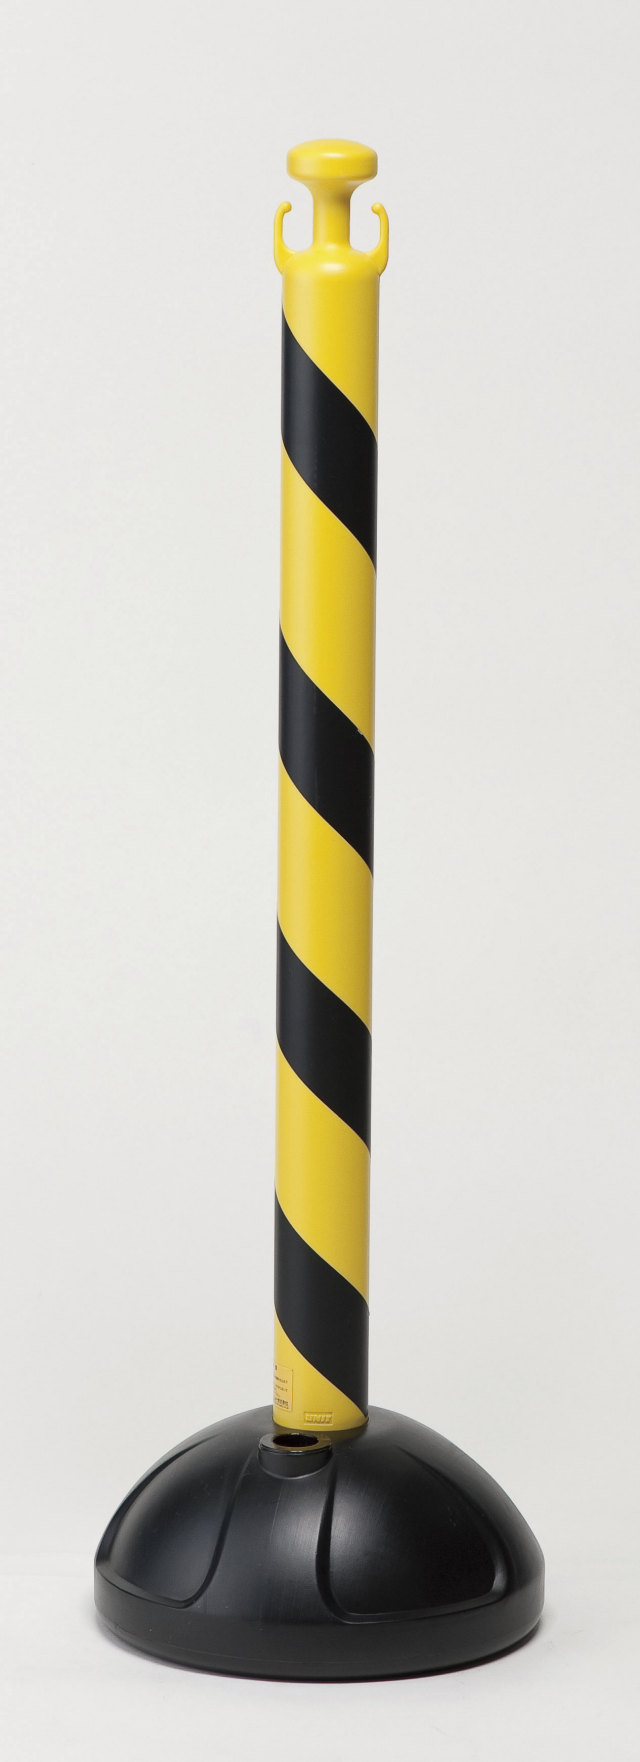 ロープスタンド黄/黒